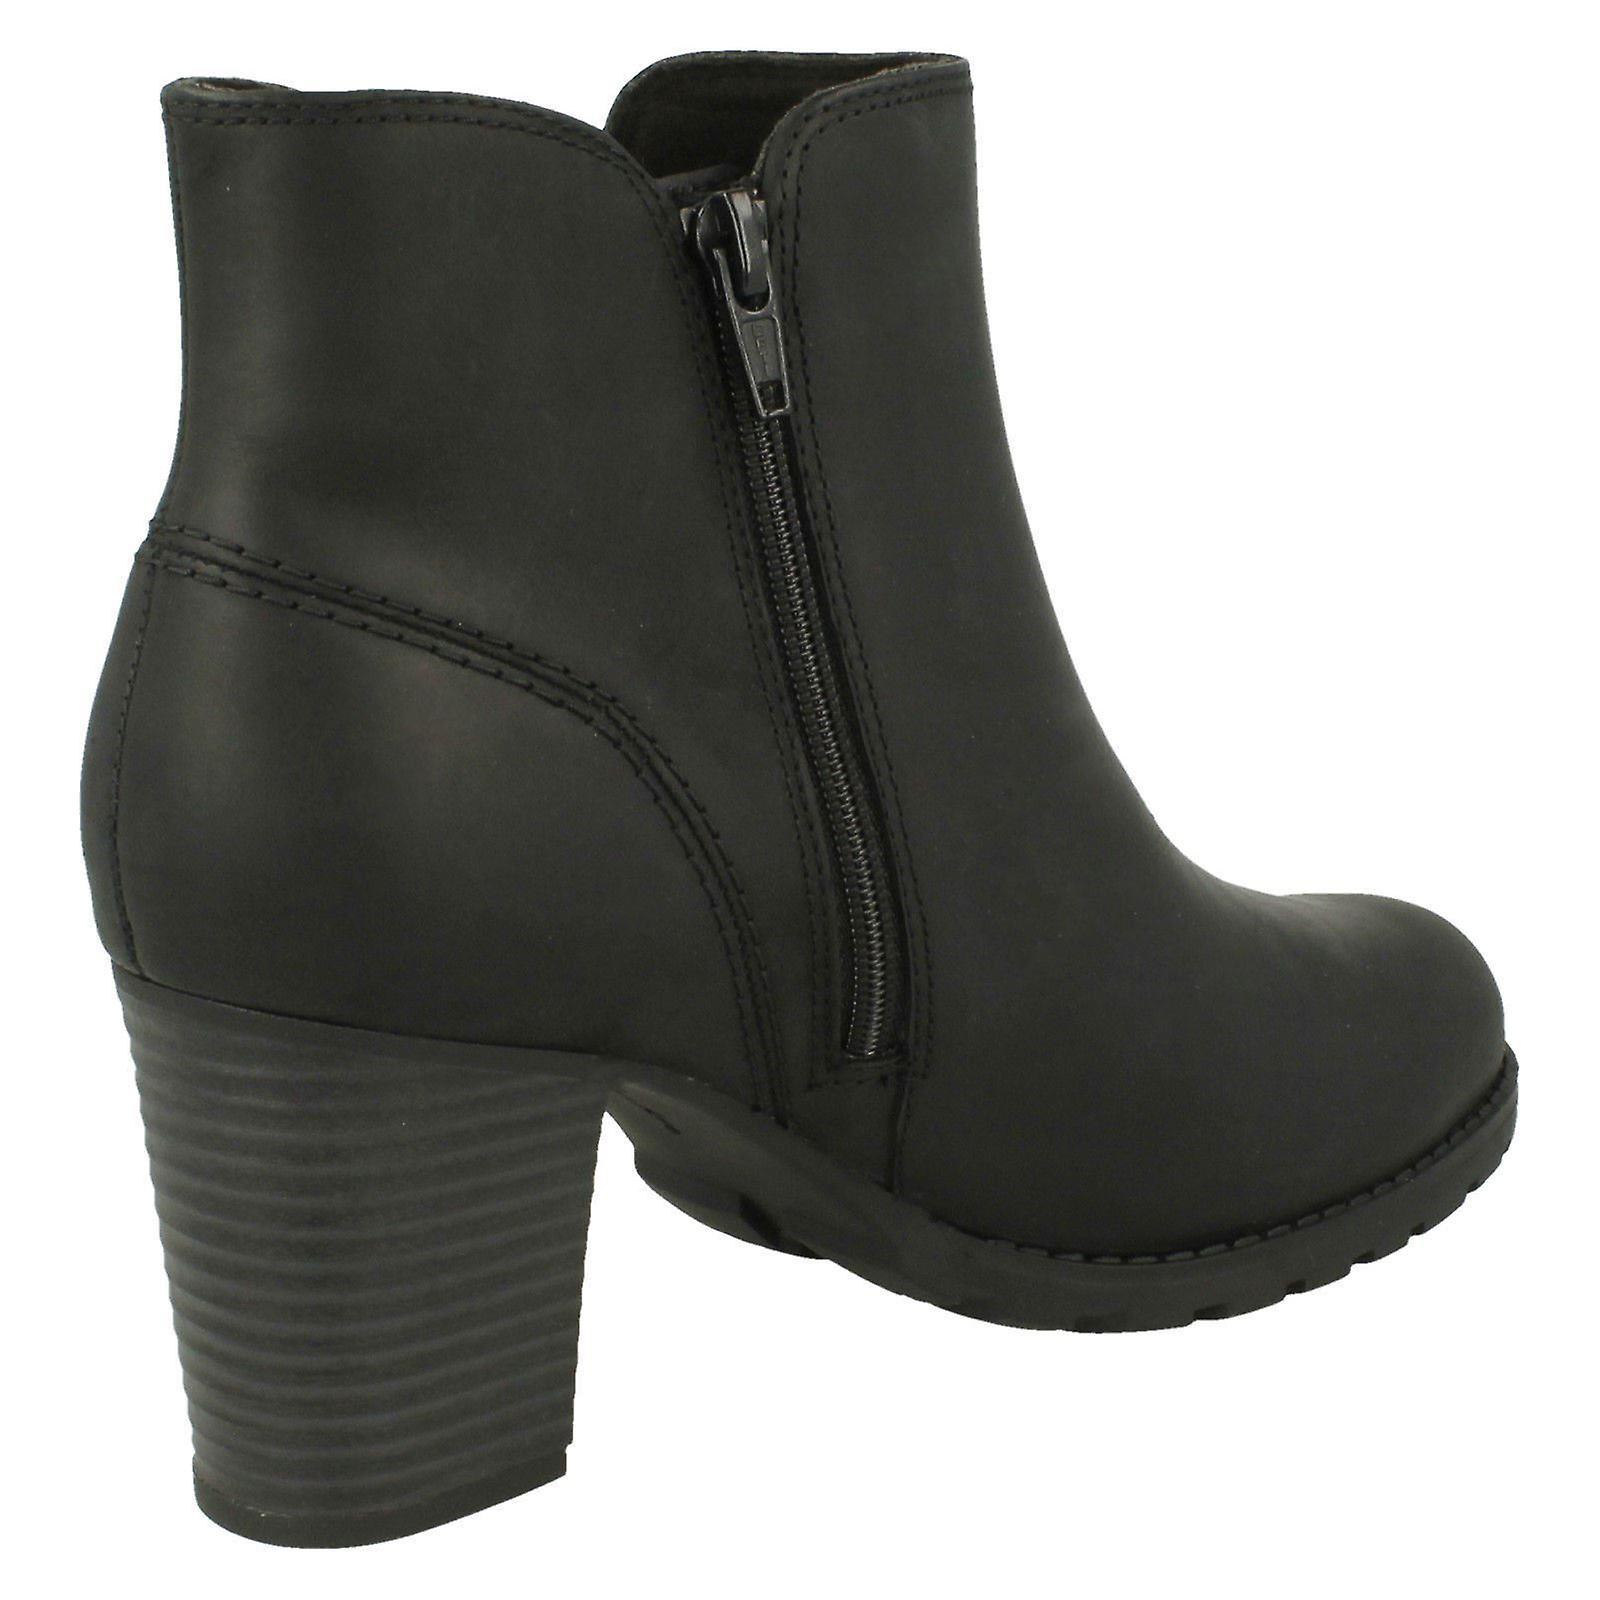 Ladies Clarks zippe Ankel Boots Verona Trish